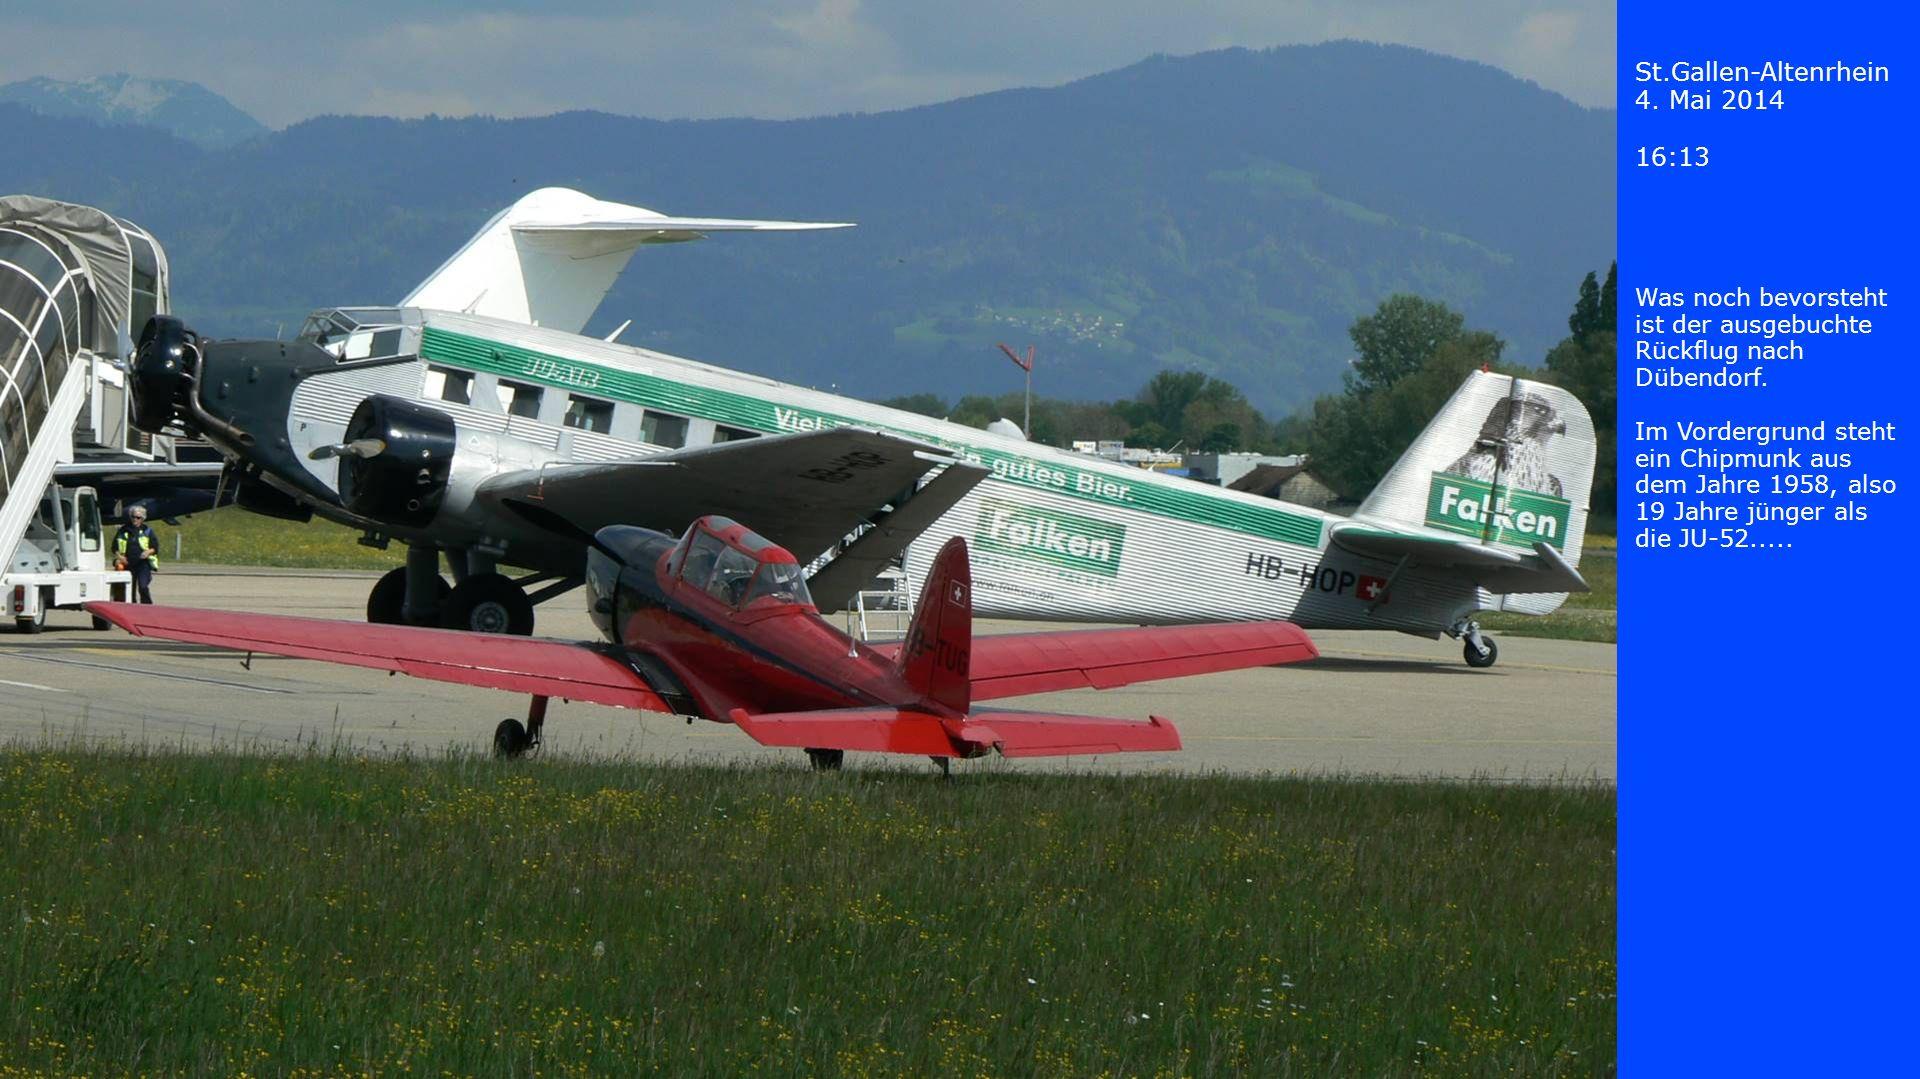 St.Gallen-Altenrhein 4. Mai 2014 16:13